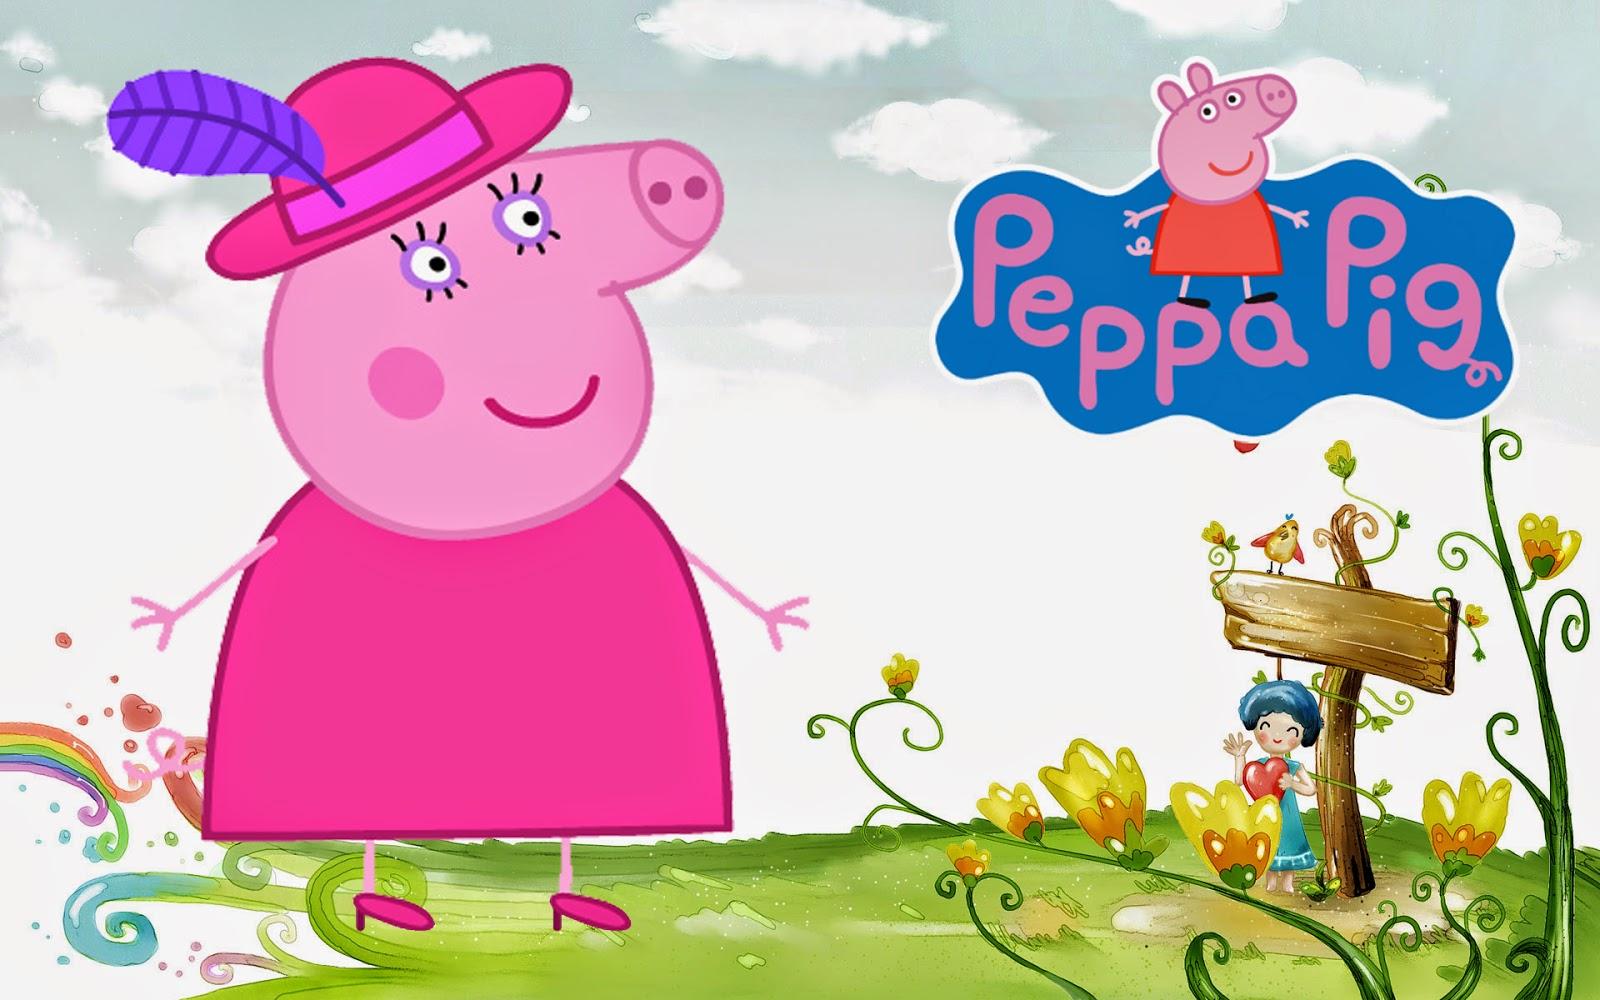 Peppa Pig Cartoon HD Wallpapers